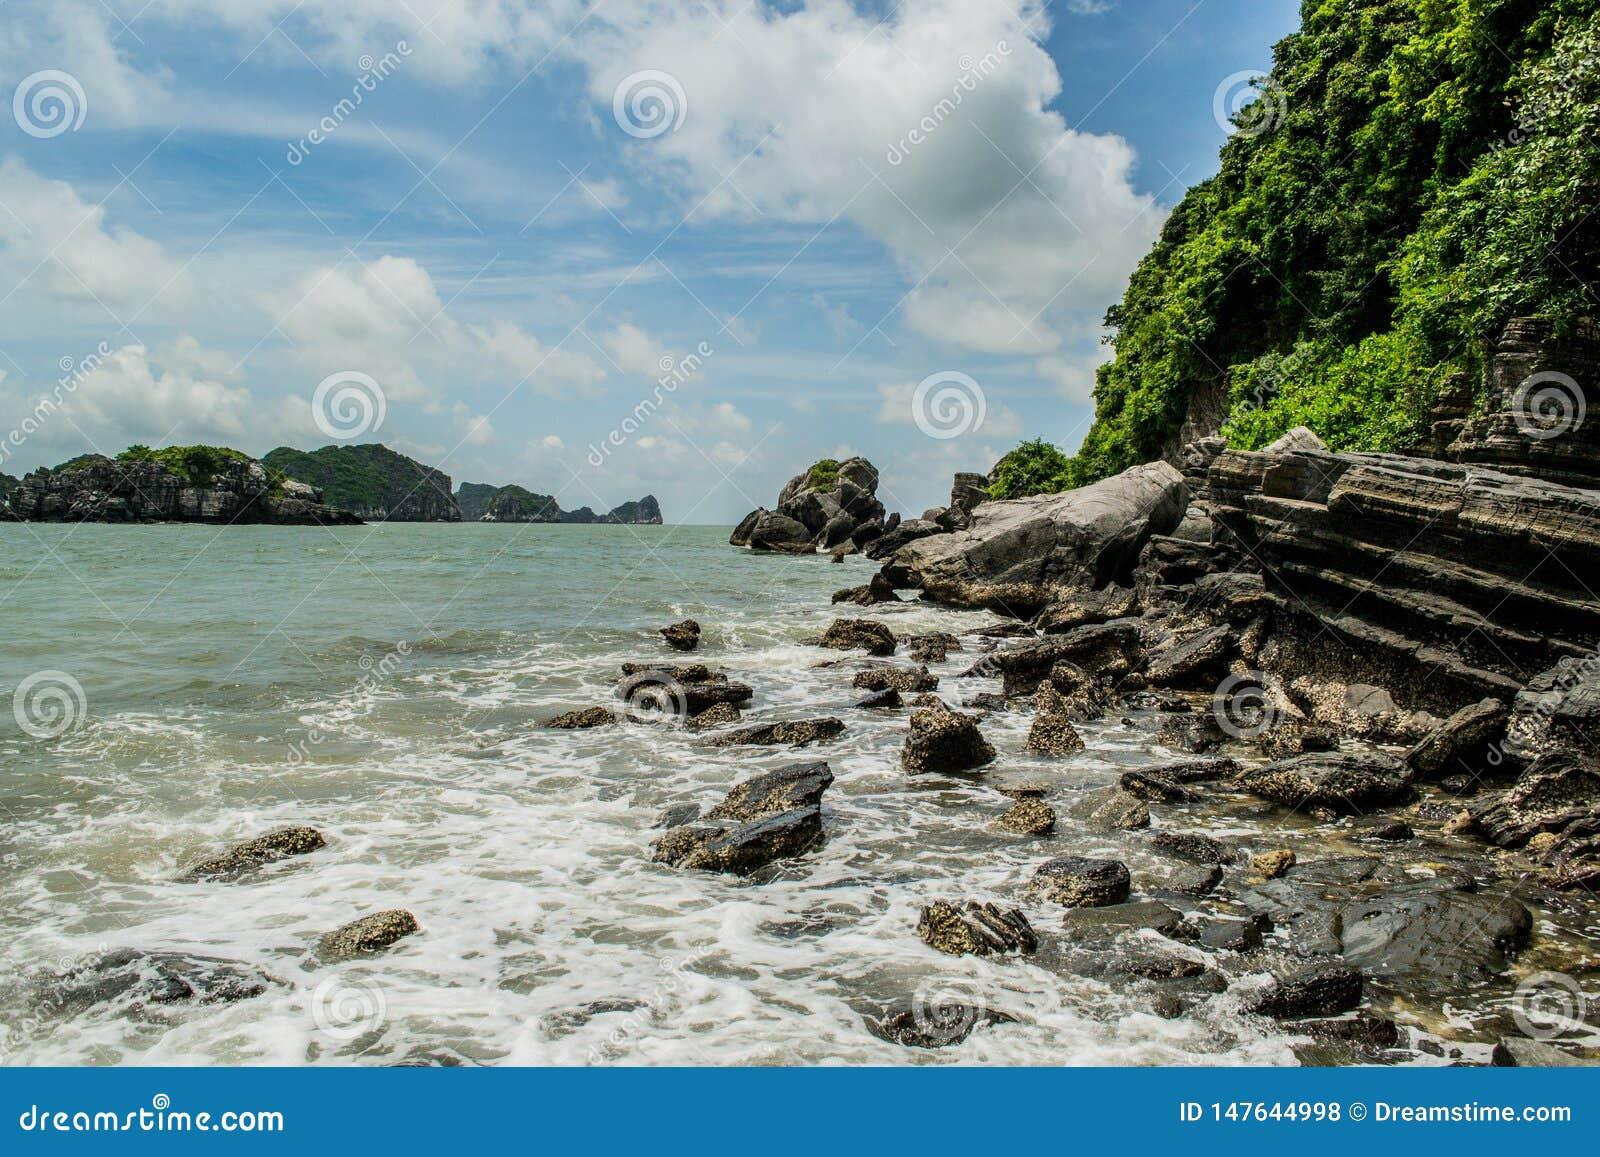 Felsige Küste von Cat Ba Island